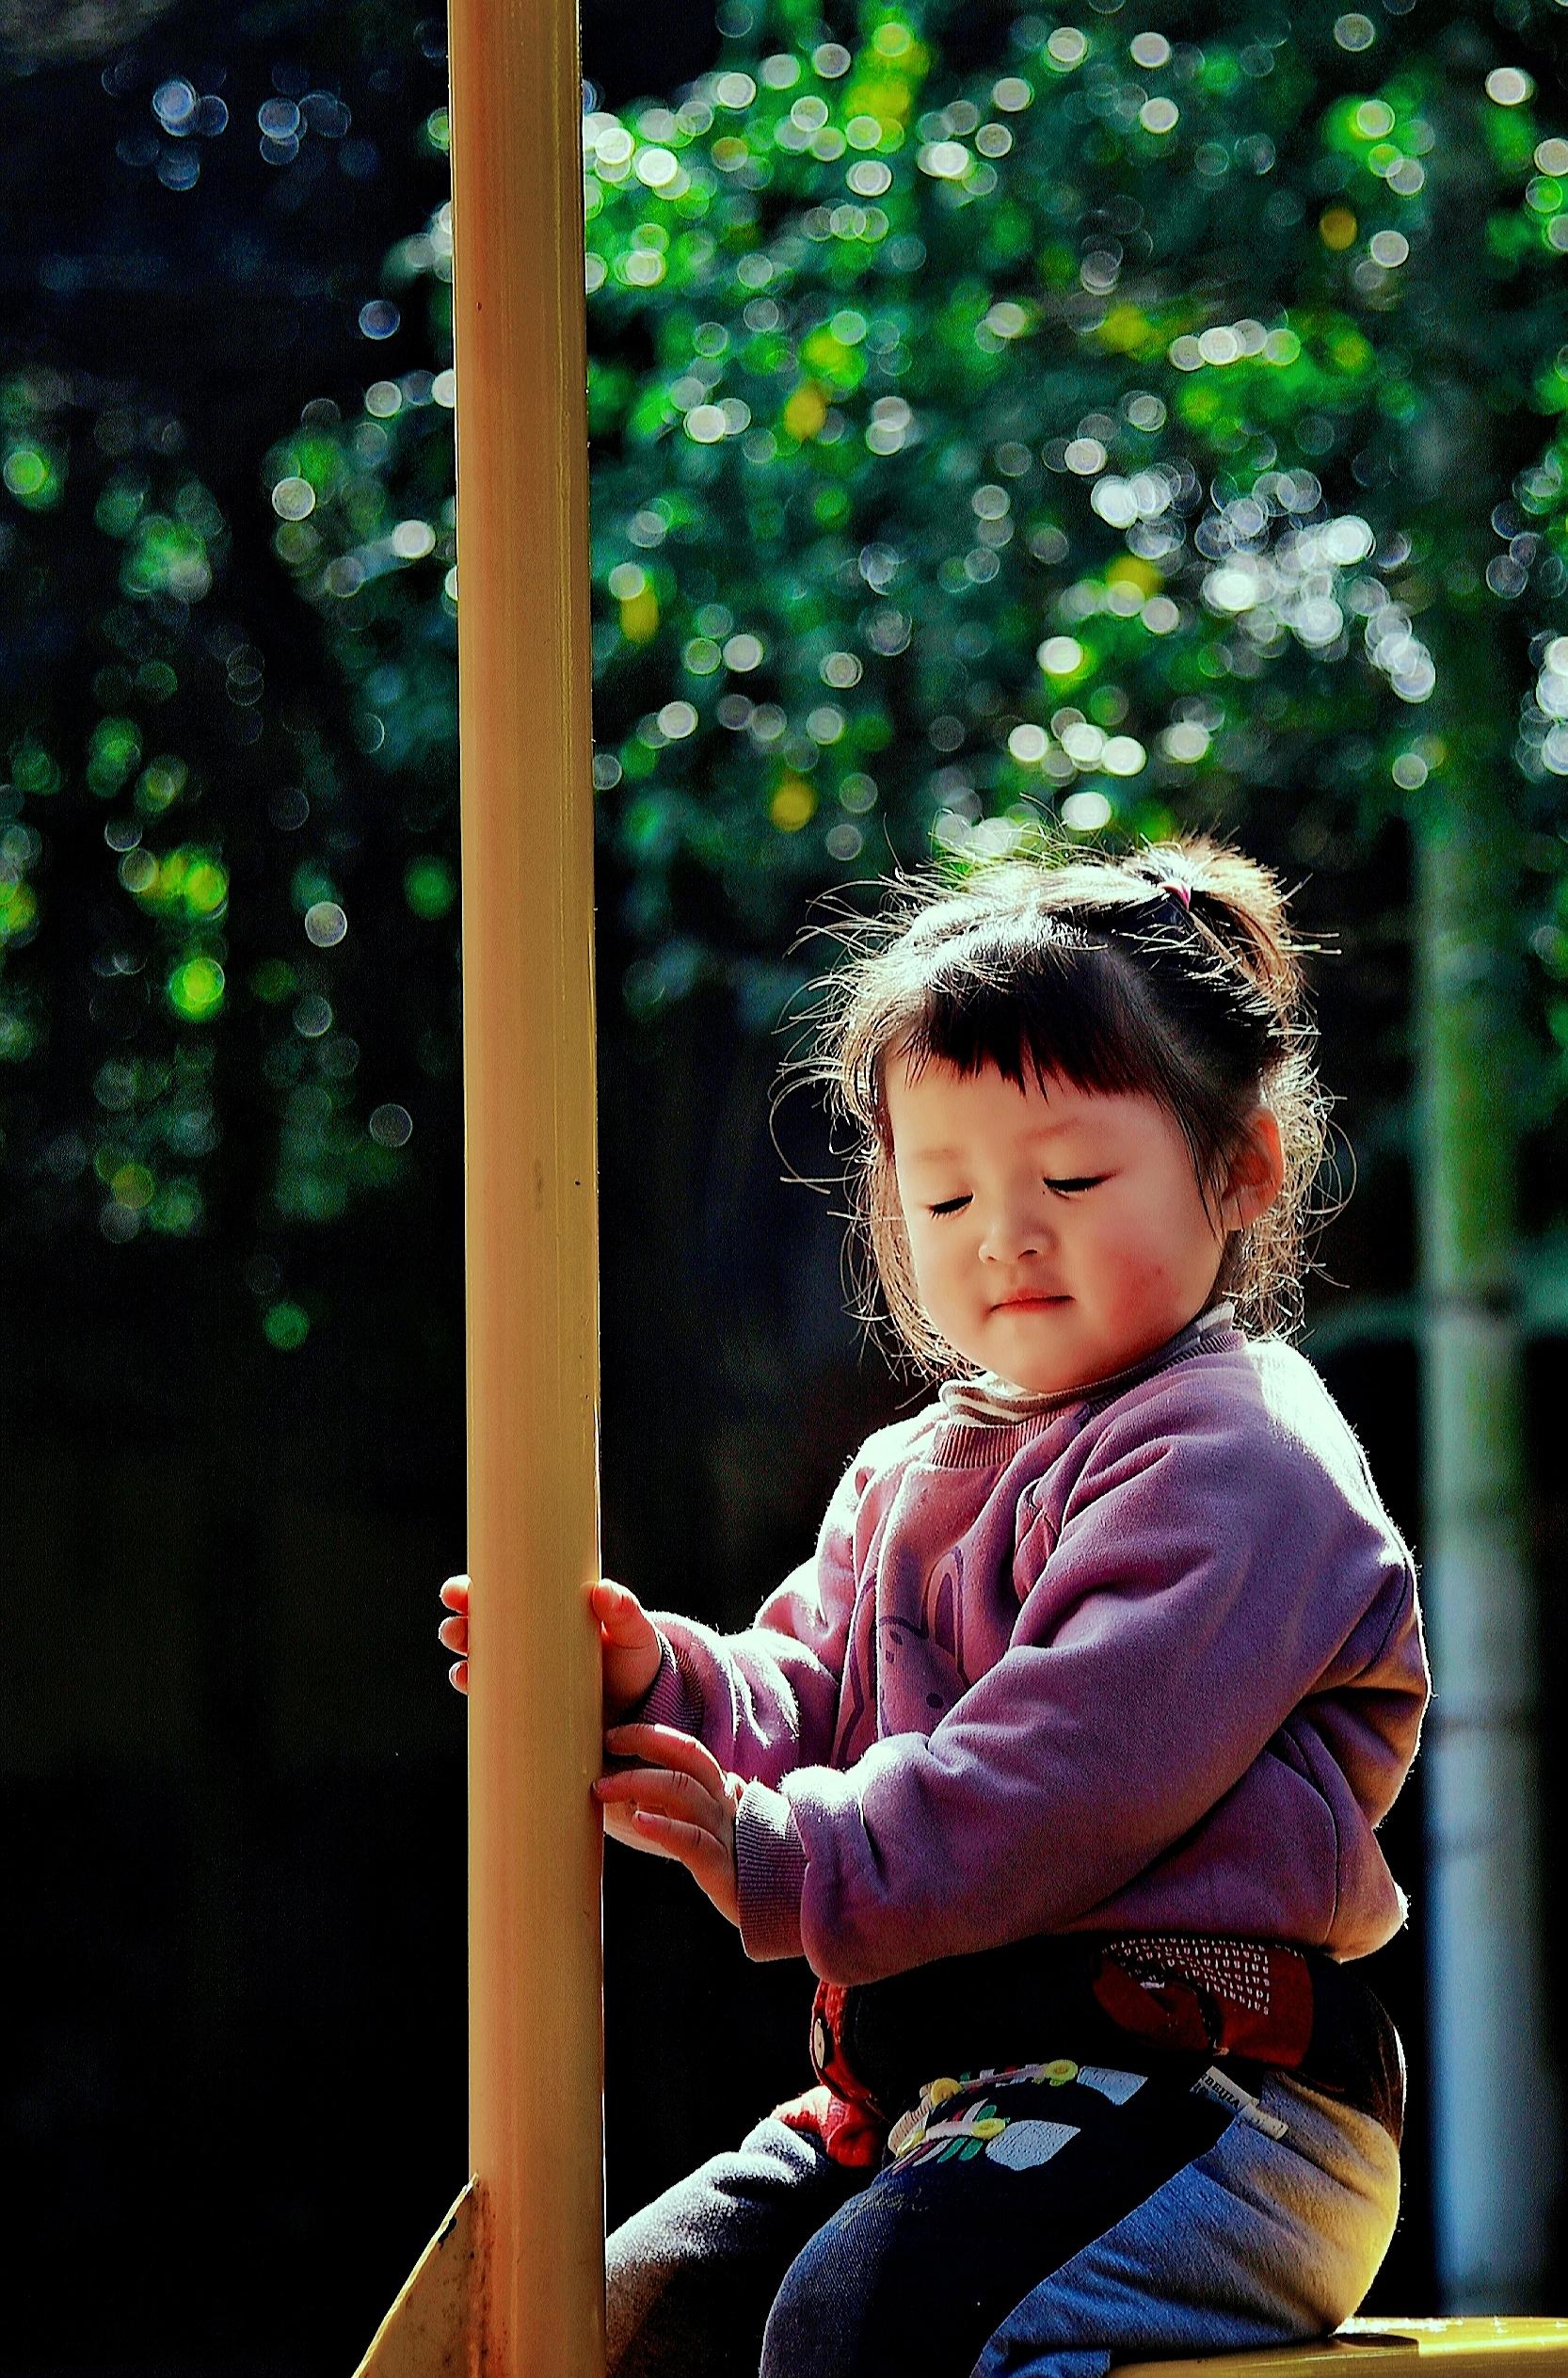 湖南常德-湘情 《享受春日阳光》 Nikon.jpg